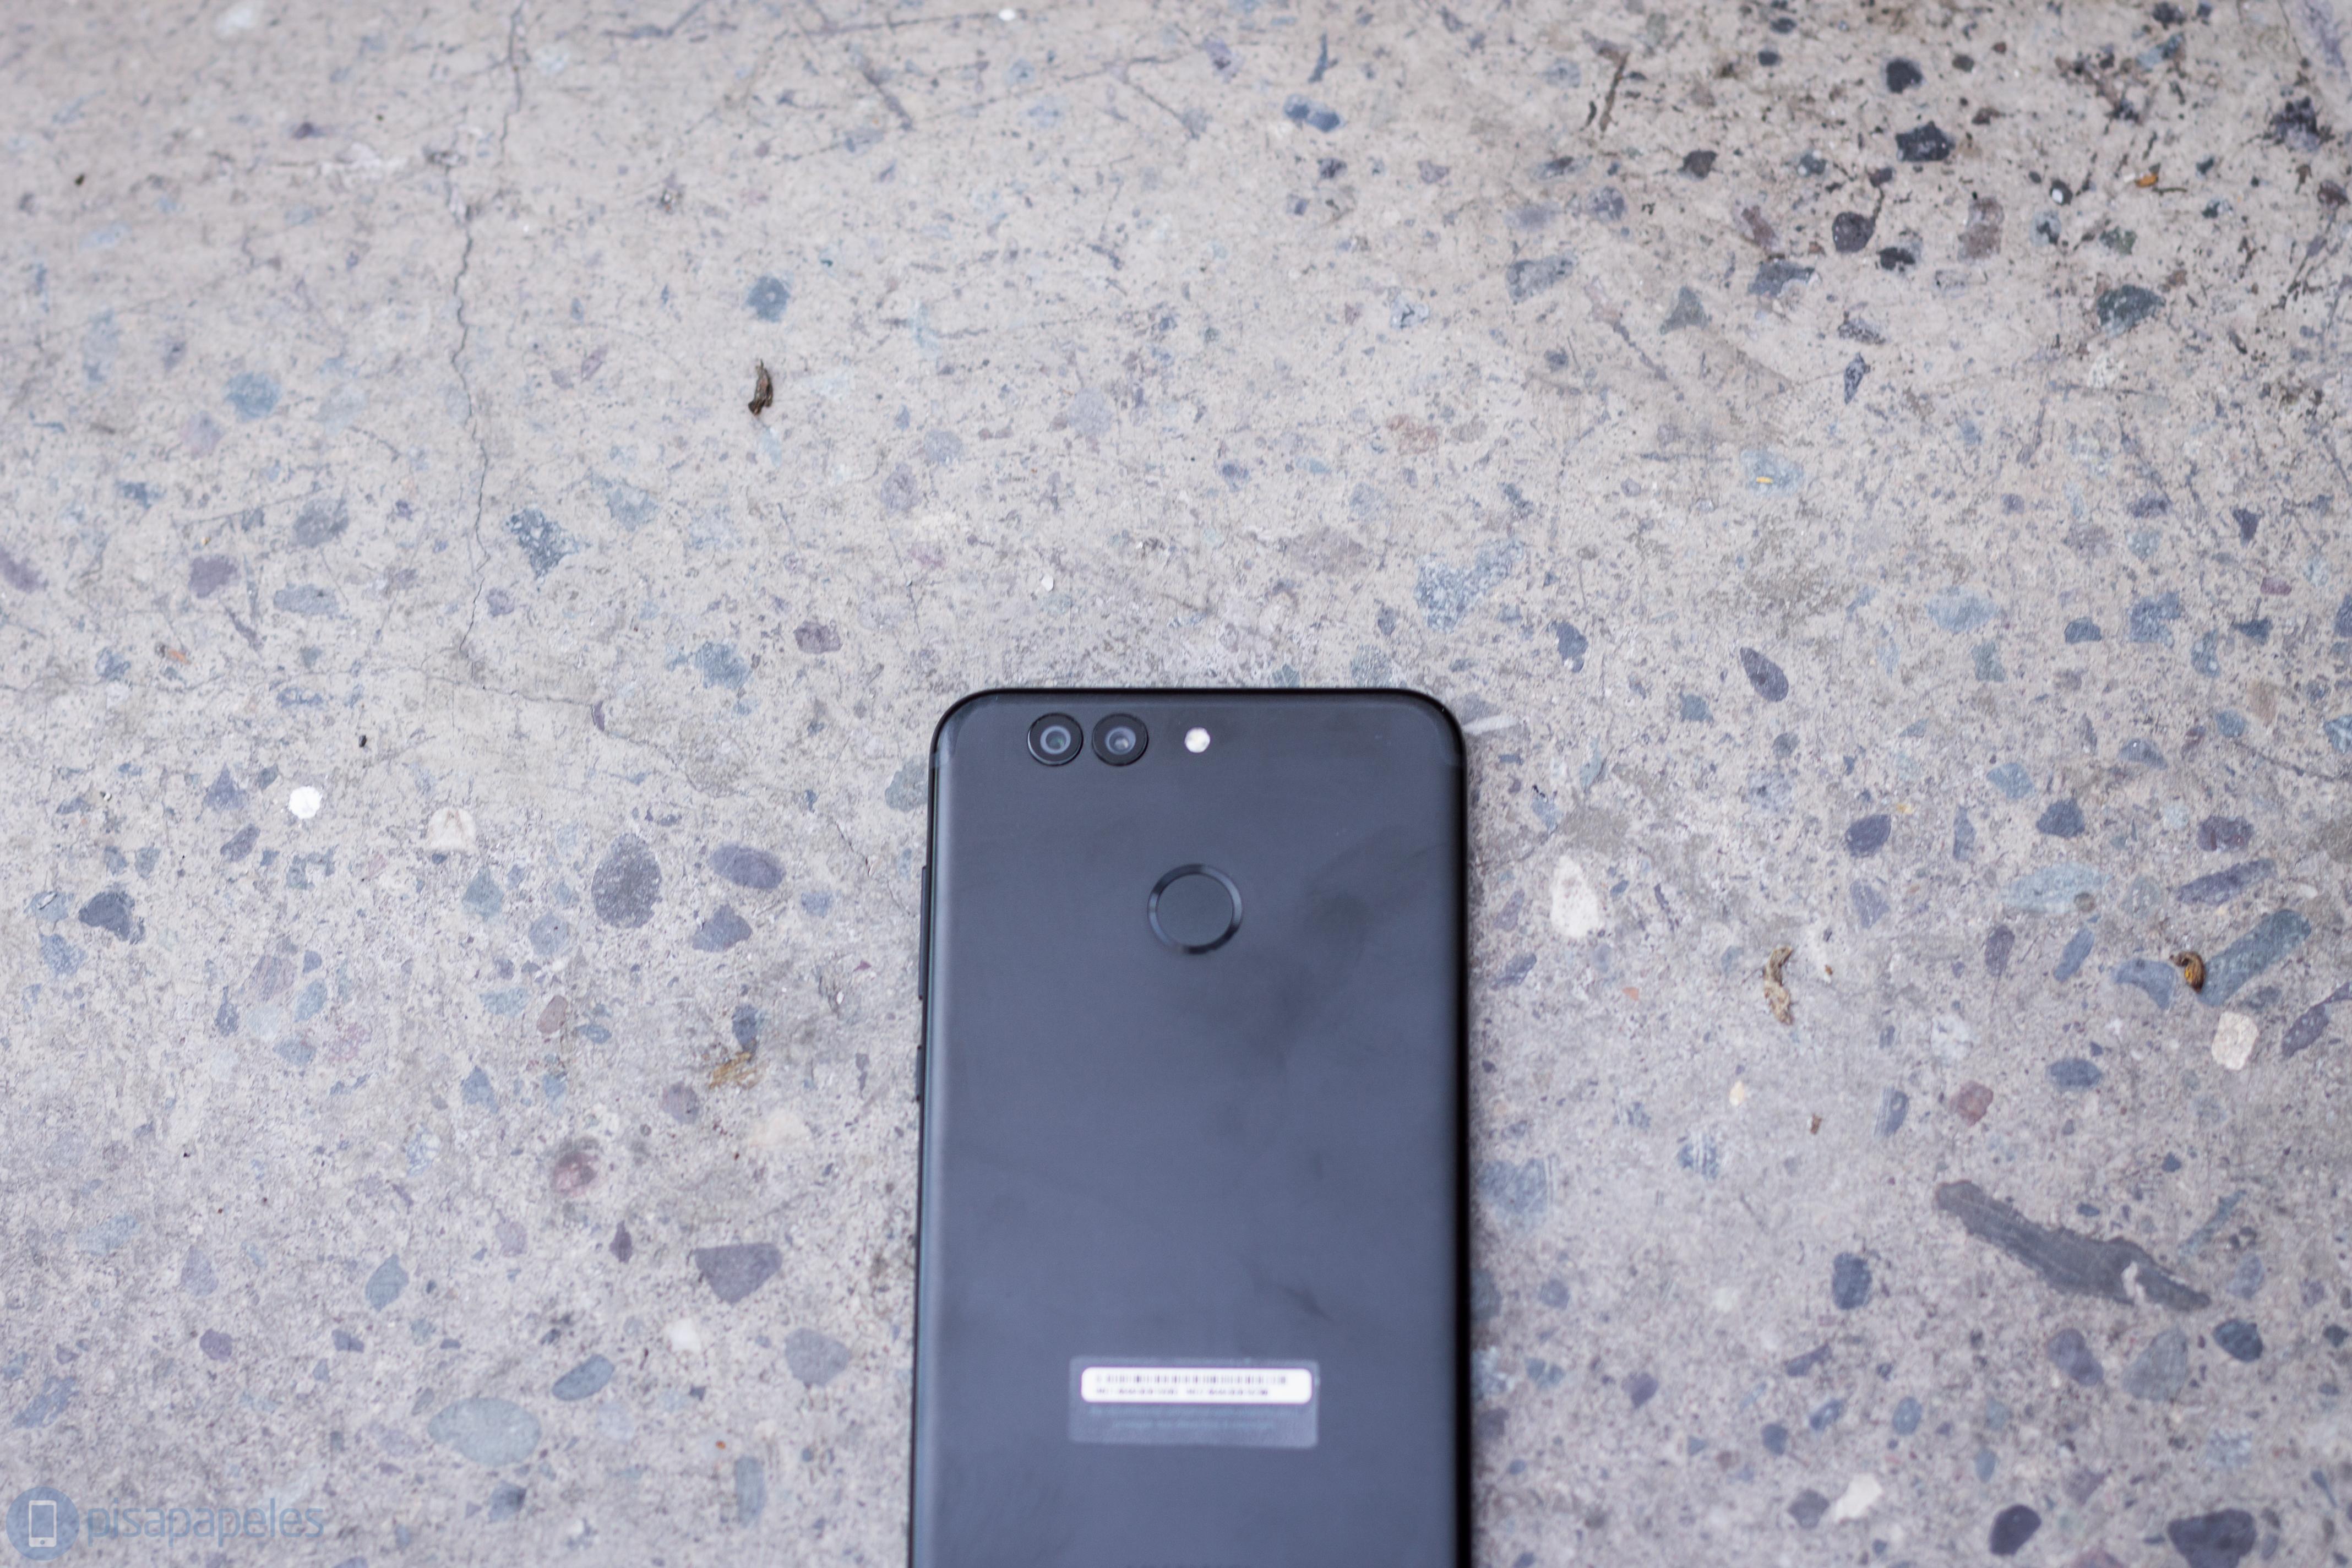 """Huawei P10 Selfie Recenzia 3""""width ="""" 4272 """"height ="""" 2848"""